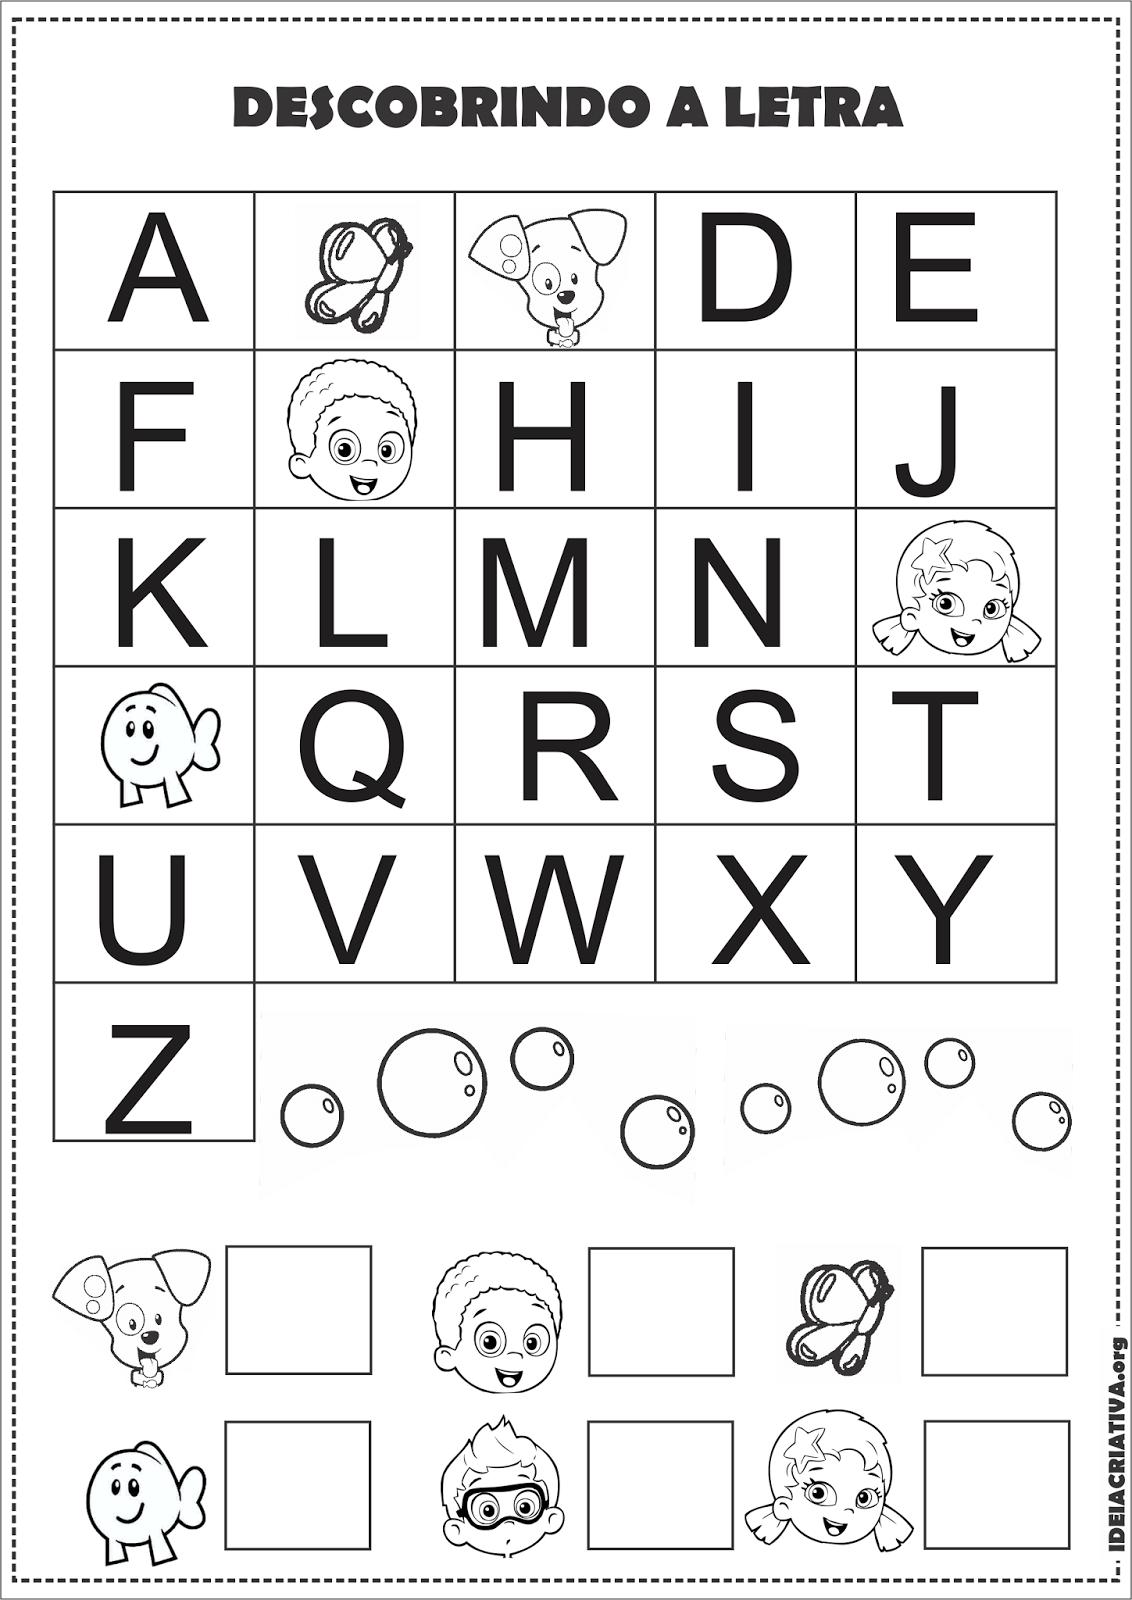 Fabuloso Atividades Para Educação Infantil Com Alfabeto Para Imprimir  EH69